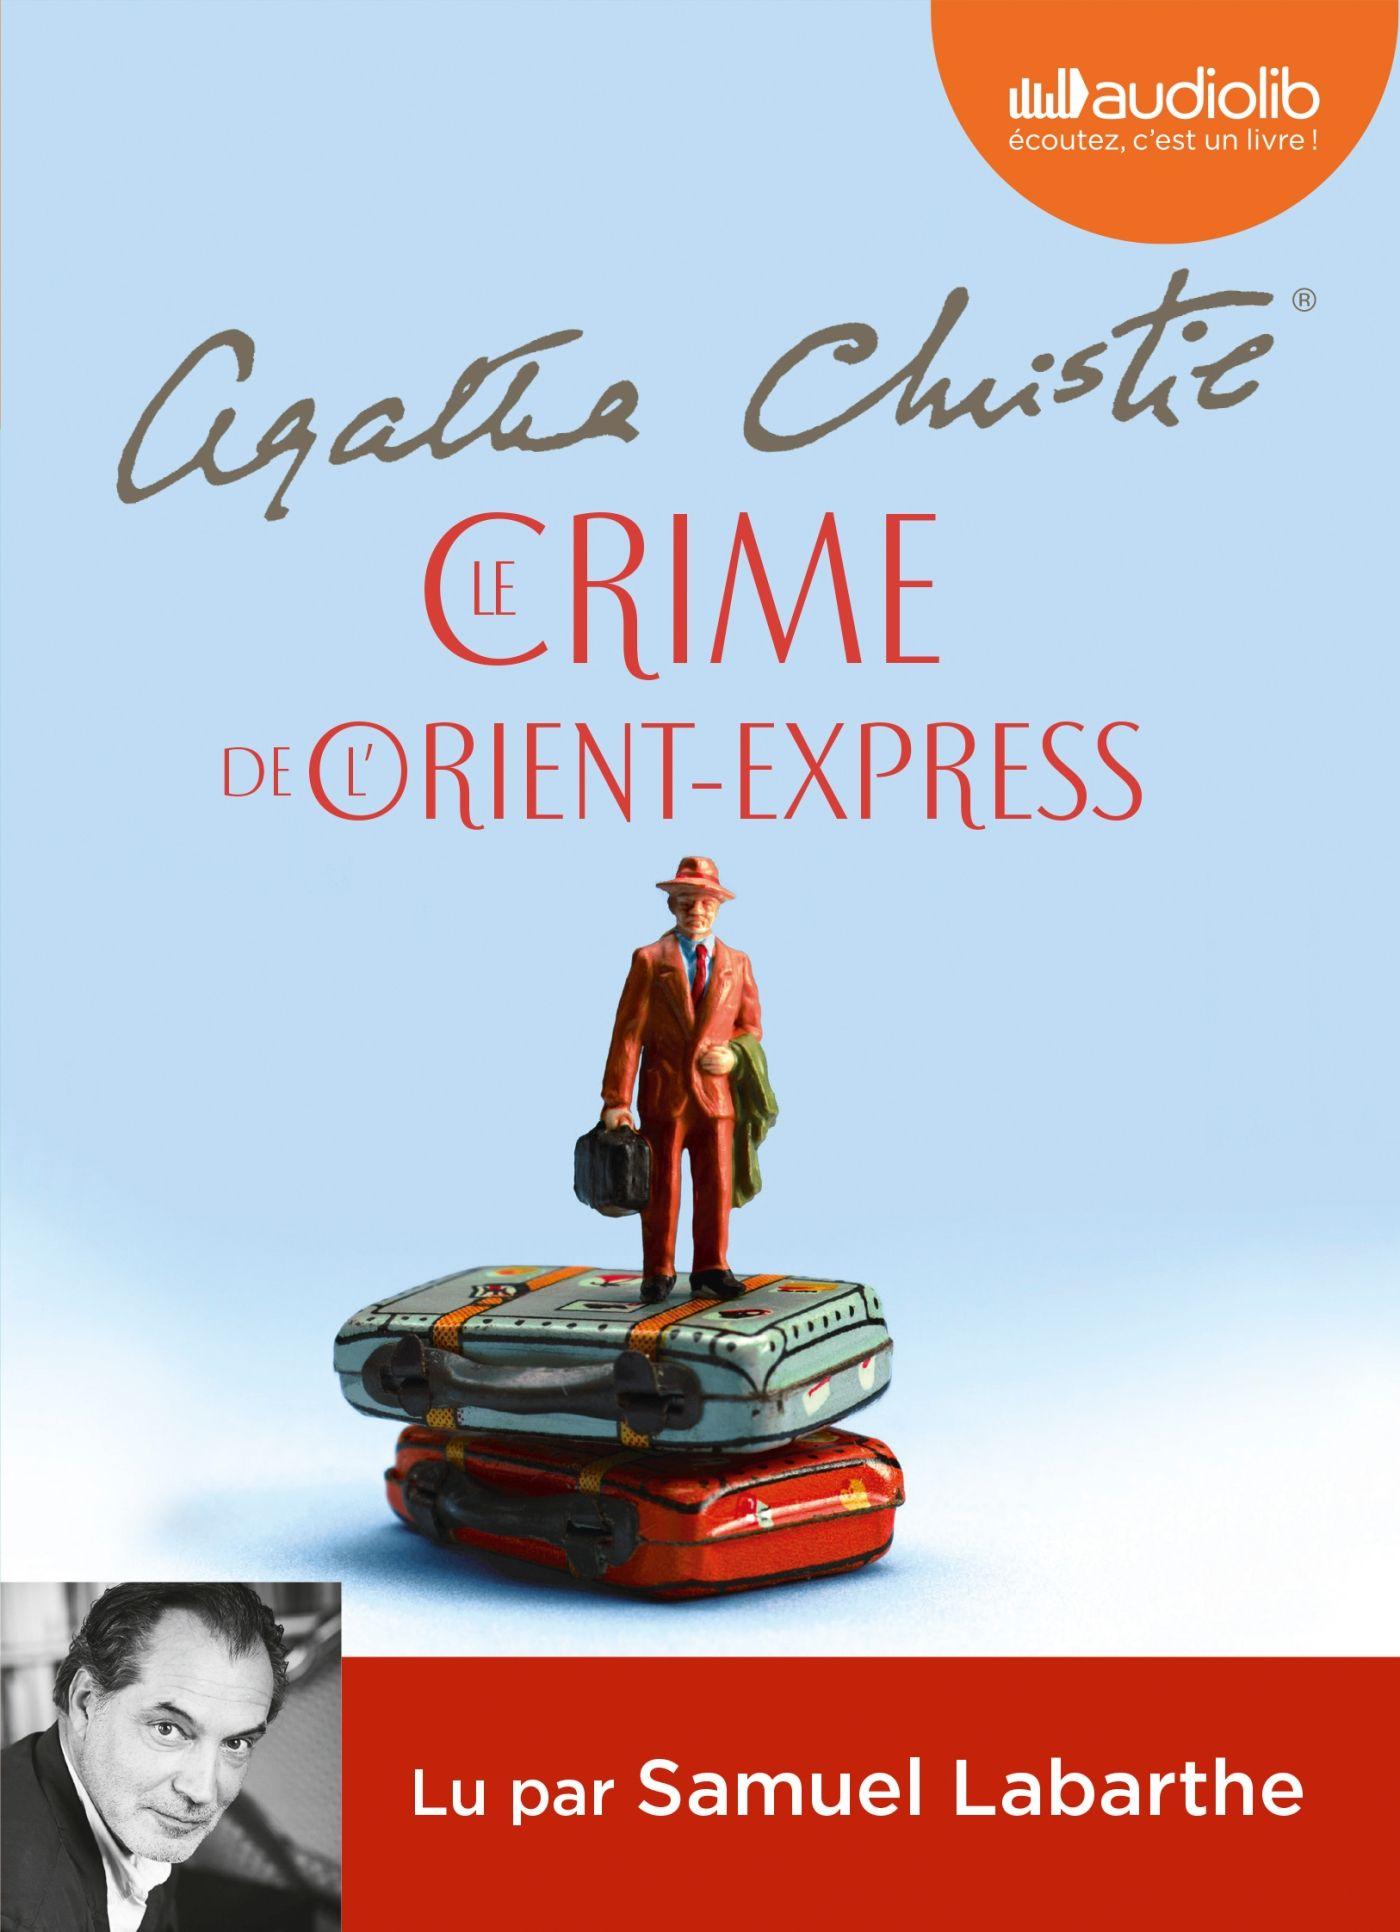 Le Crime De L Orient Express D Agatha Christie Un Livre Audio Lu Par Samuel Labarthe Livre Audio Orient Express Crime